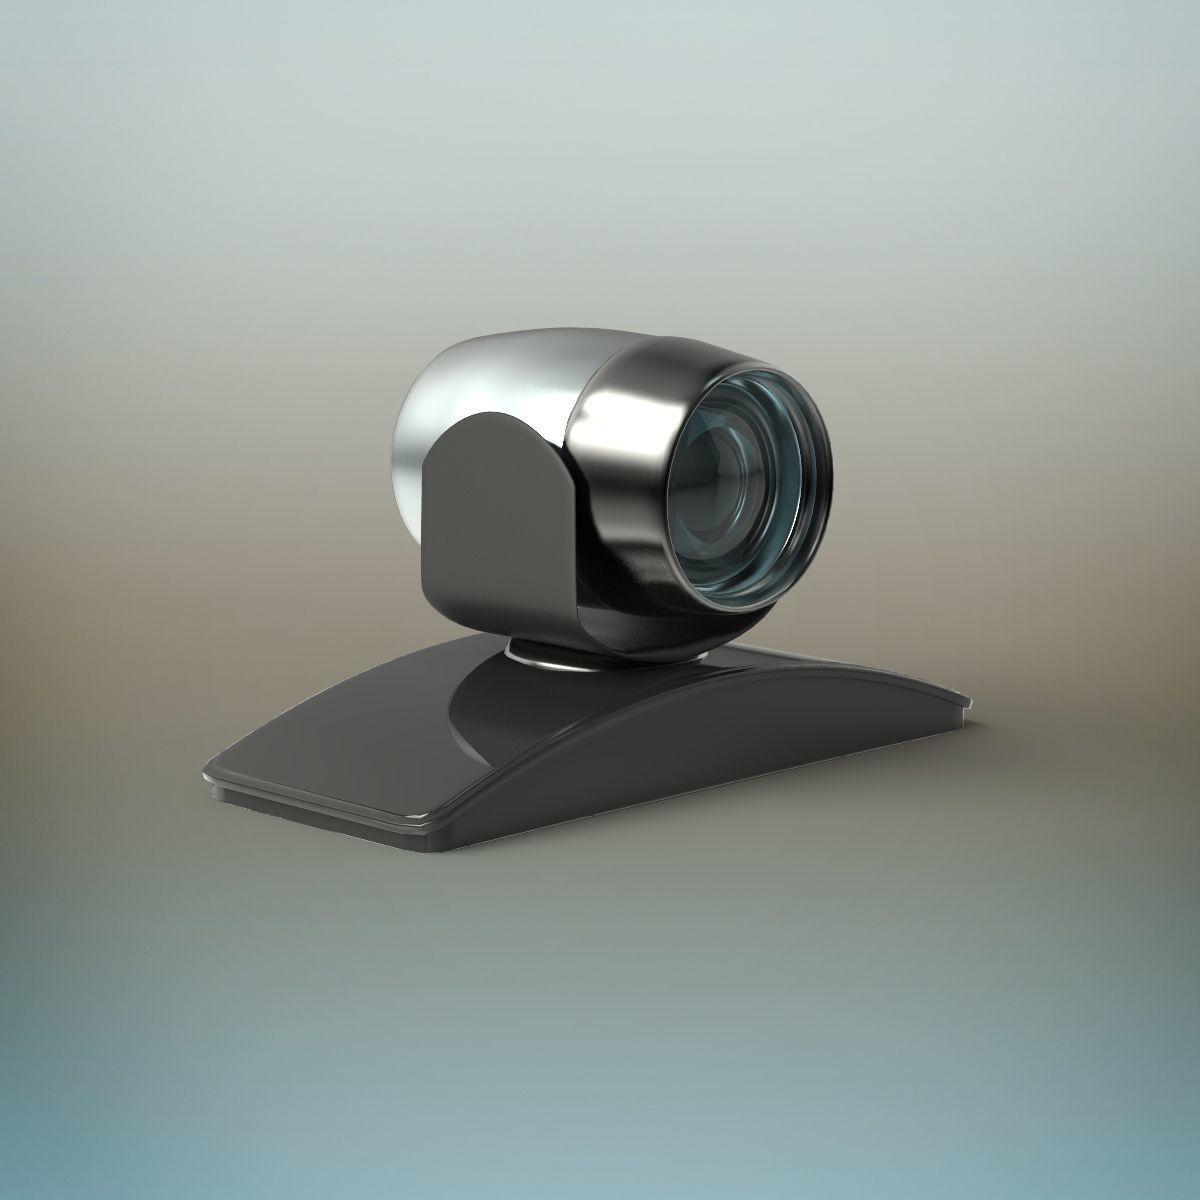 Веб камера 3д модель работа фотомоделью в китае